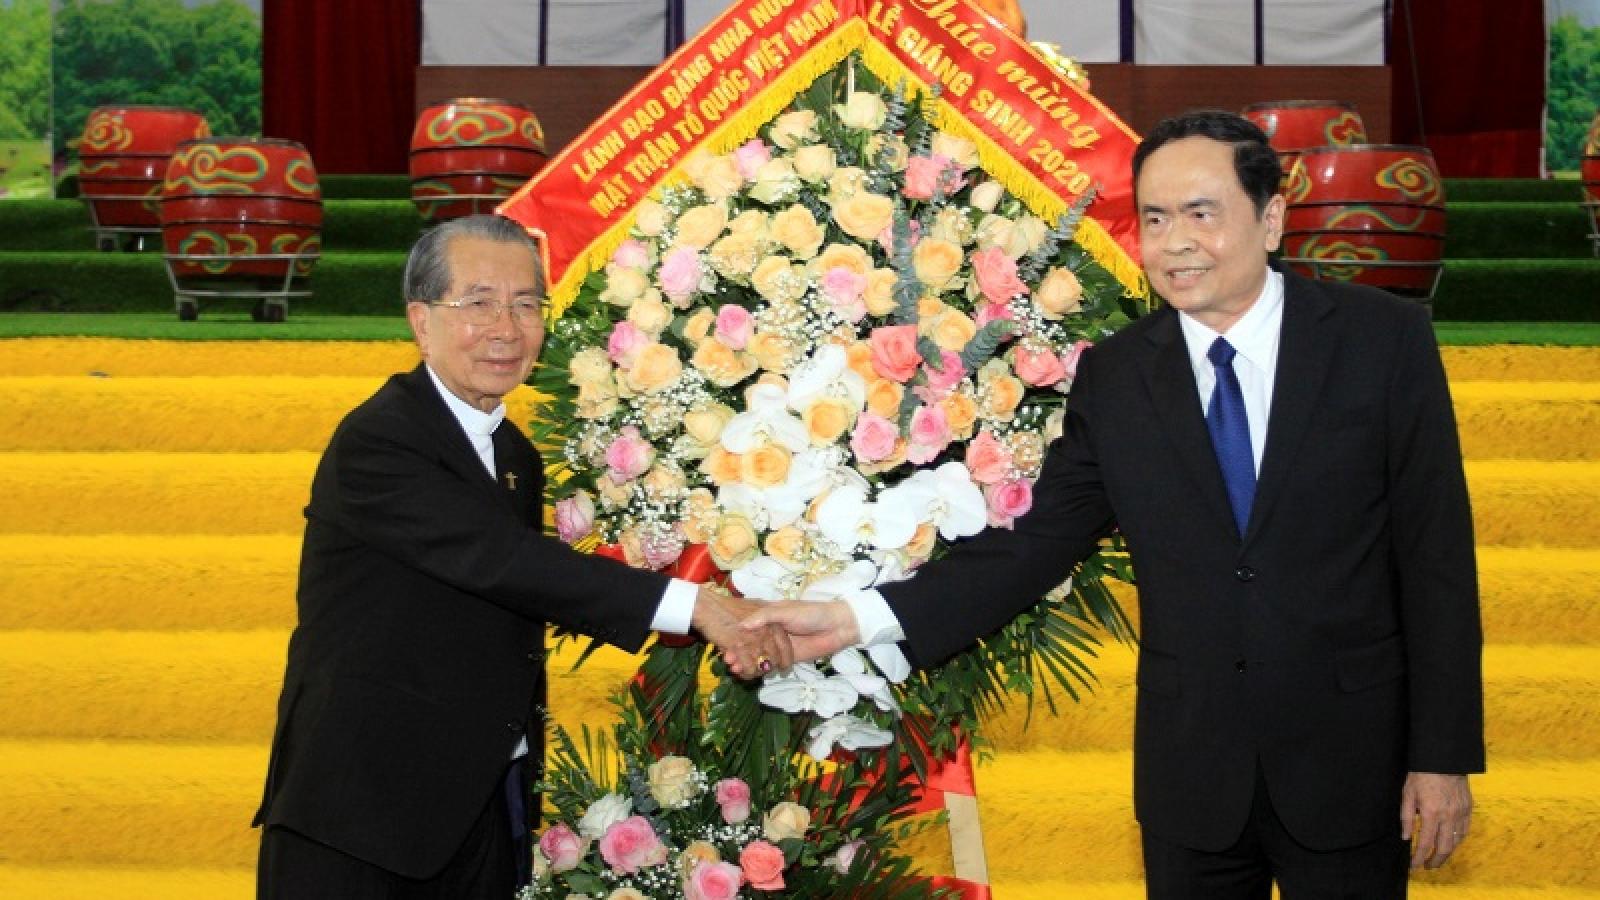 Ông Trần Thanh Mẫn chúc mừng đồng bào Công giáo Nam Định, Thái Bình